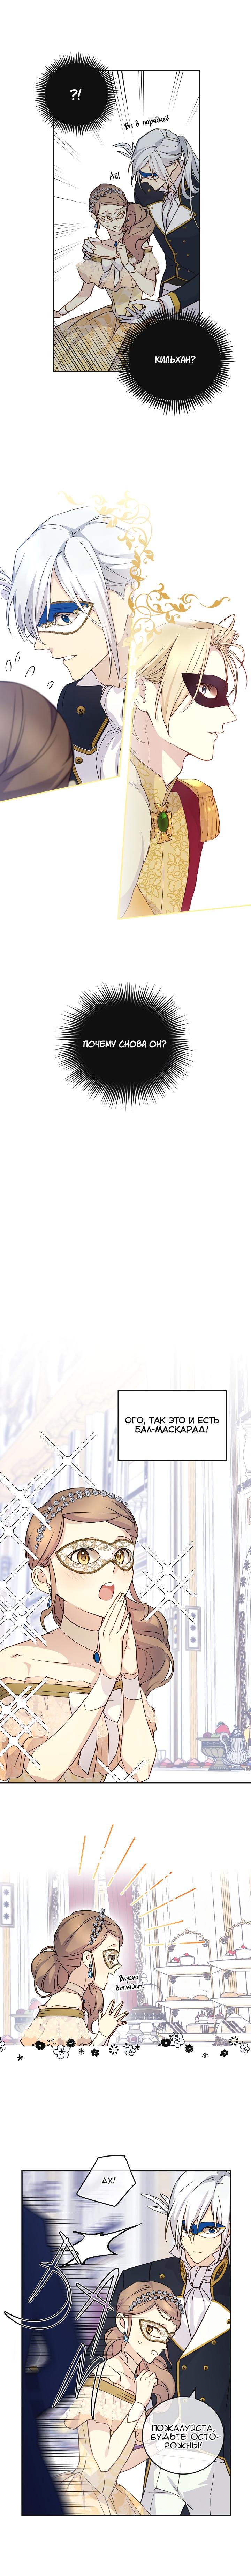 Манга Способная горничная / Capable maid  - Том 1 Глава 29 Страница 8